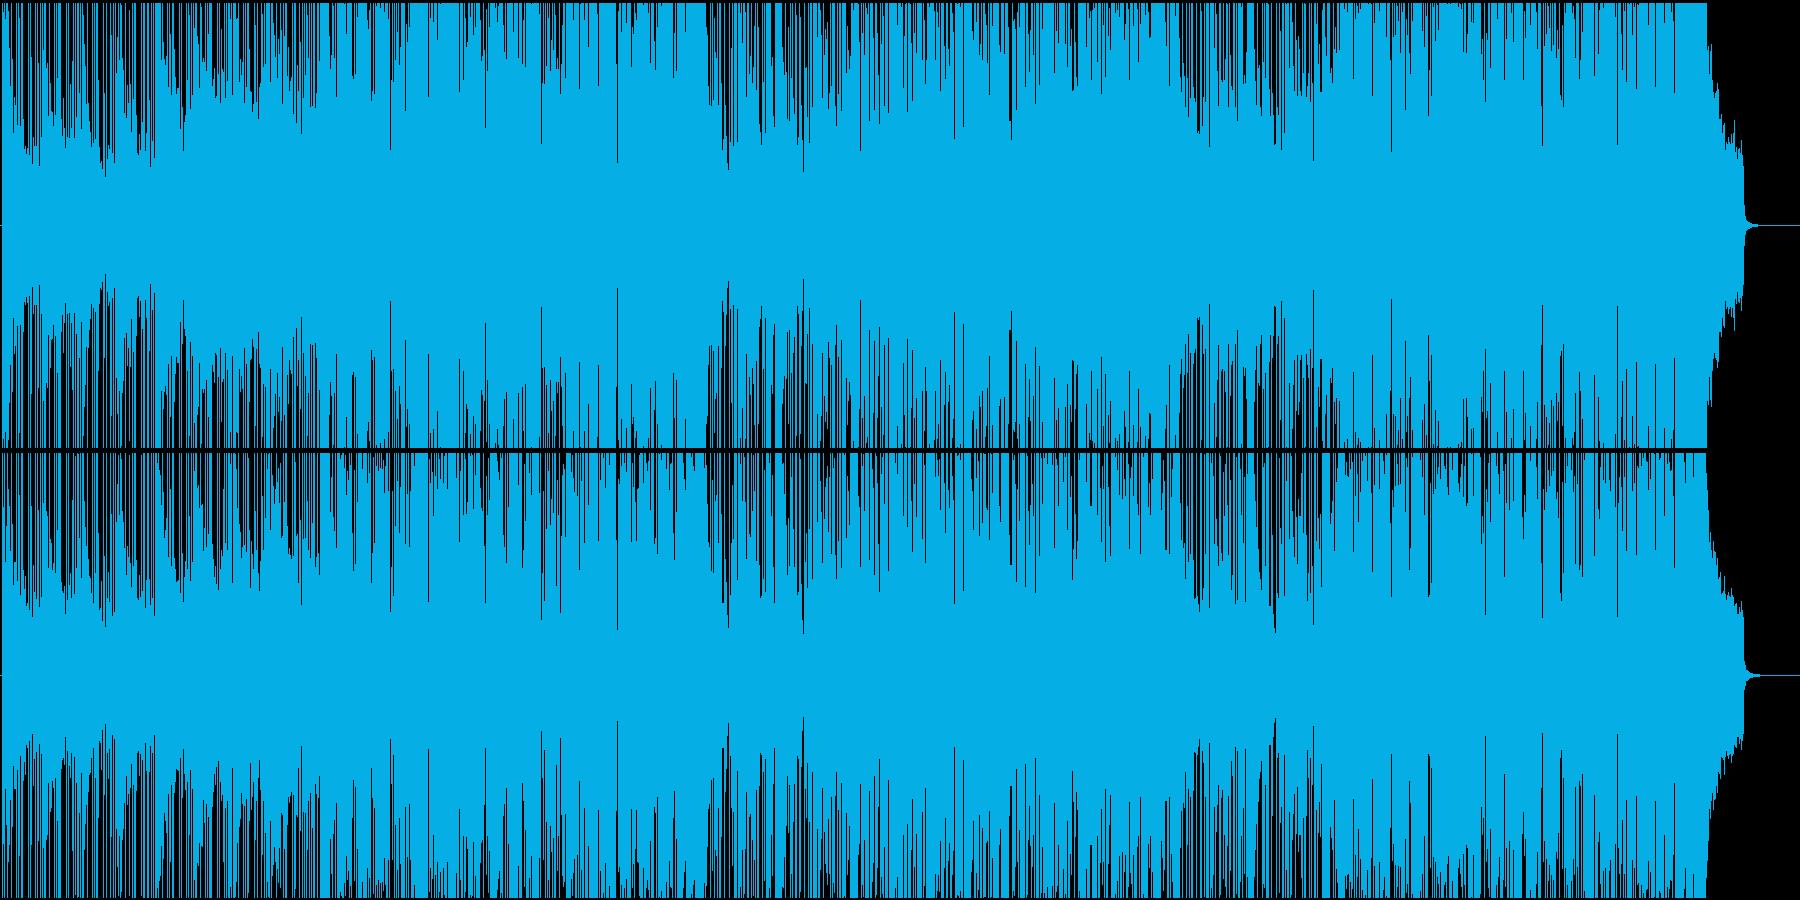 ニュース、ナレーション用活動的なBGMの再生済みの波形